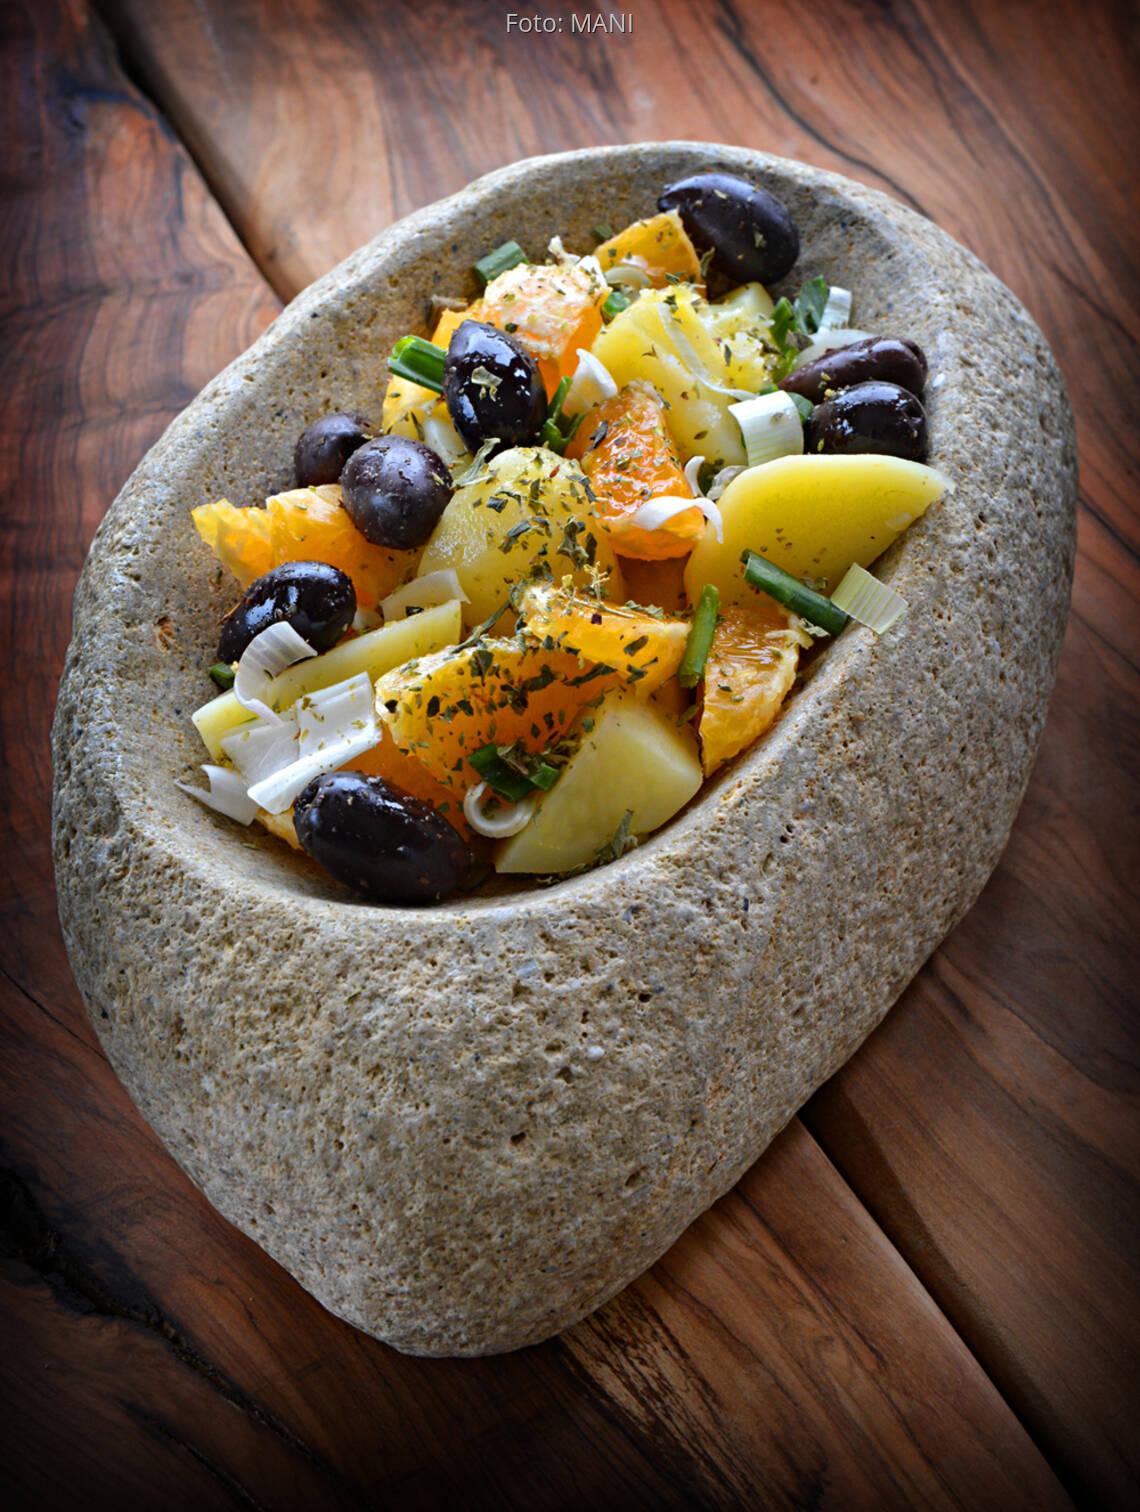 Steinschale mit Salat aus Kartoffeln, Oliven, Zwiebeln, Orange, Kapern